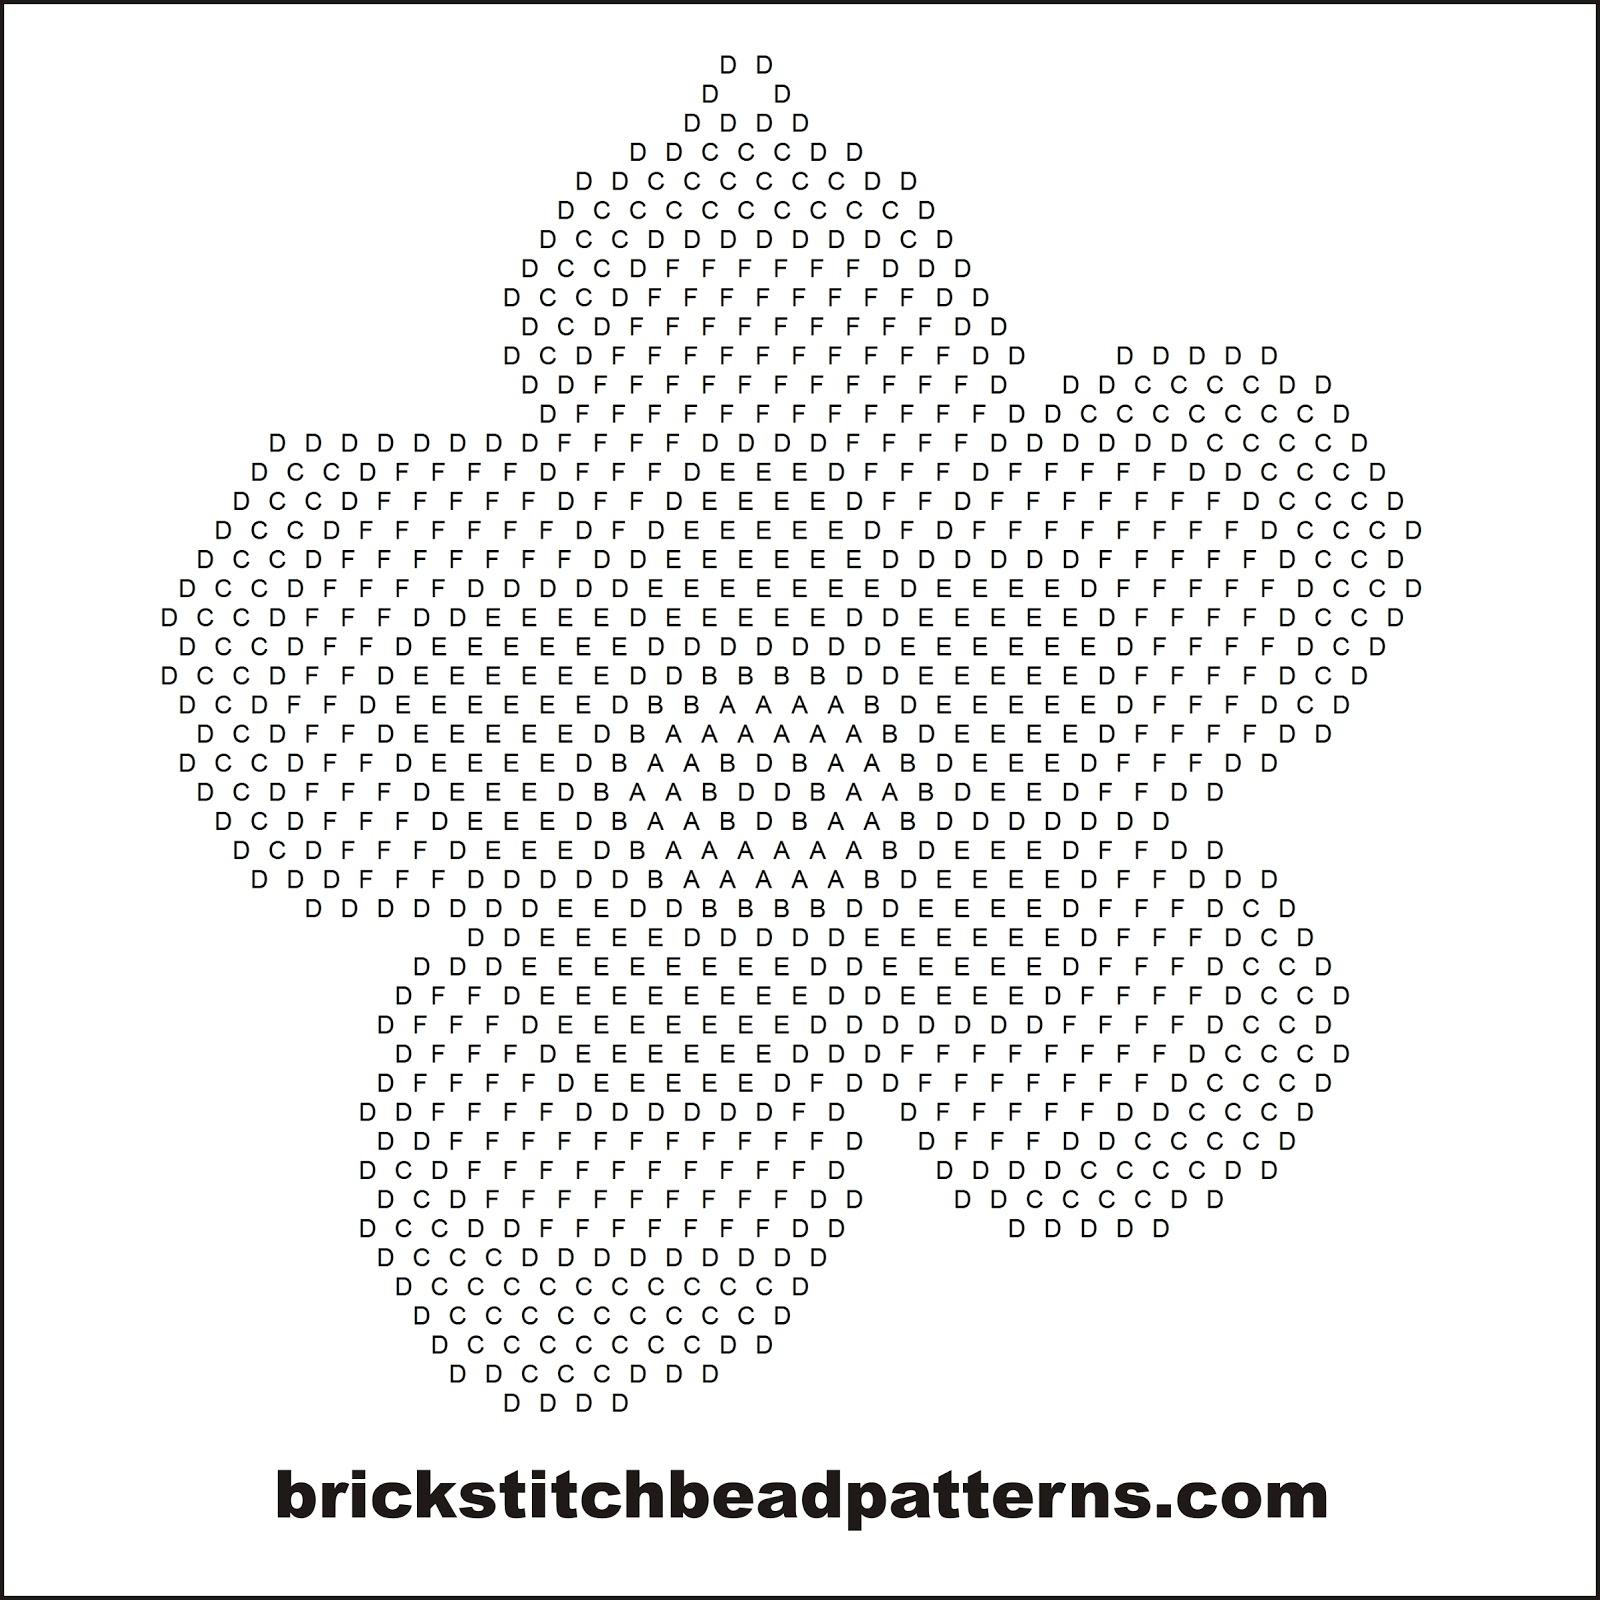 Brick Stitch Bead Patterns Journal: Scallop Daisy Free